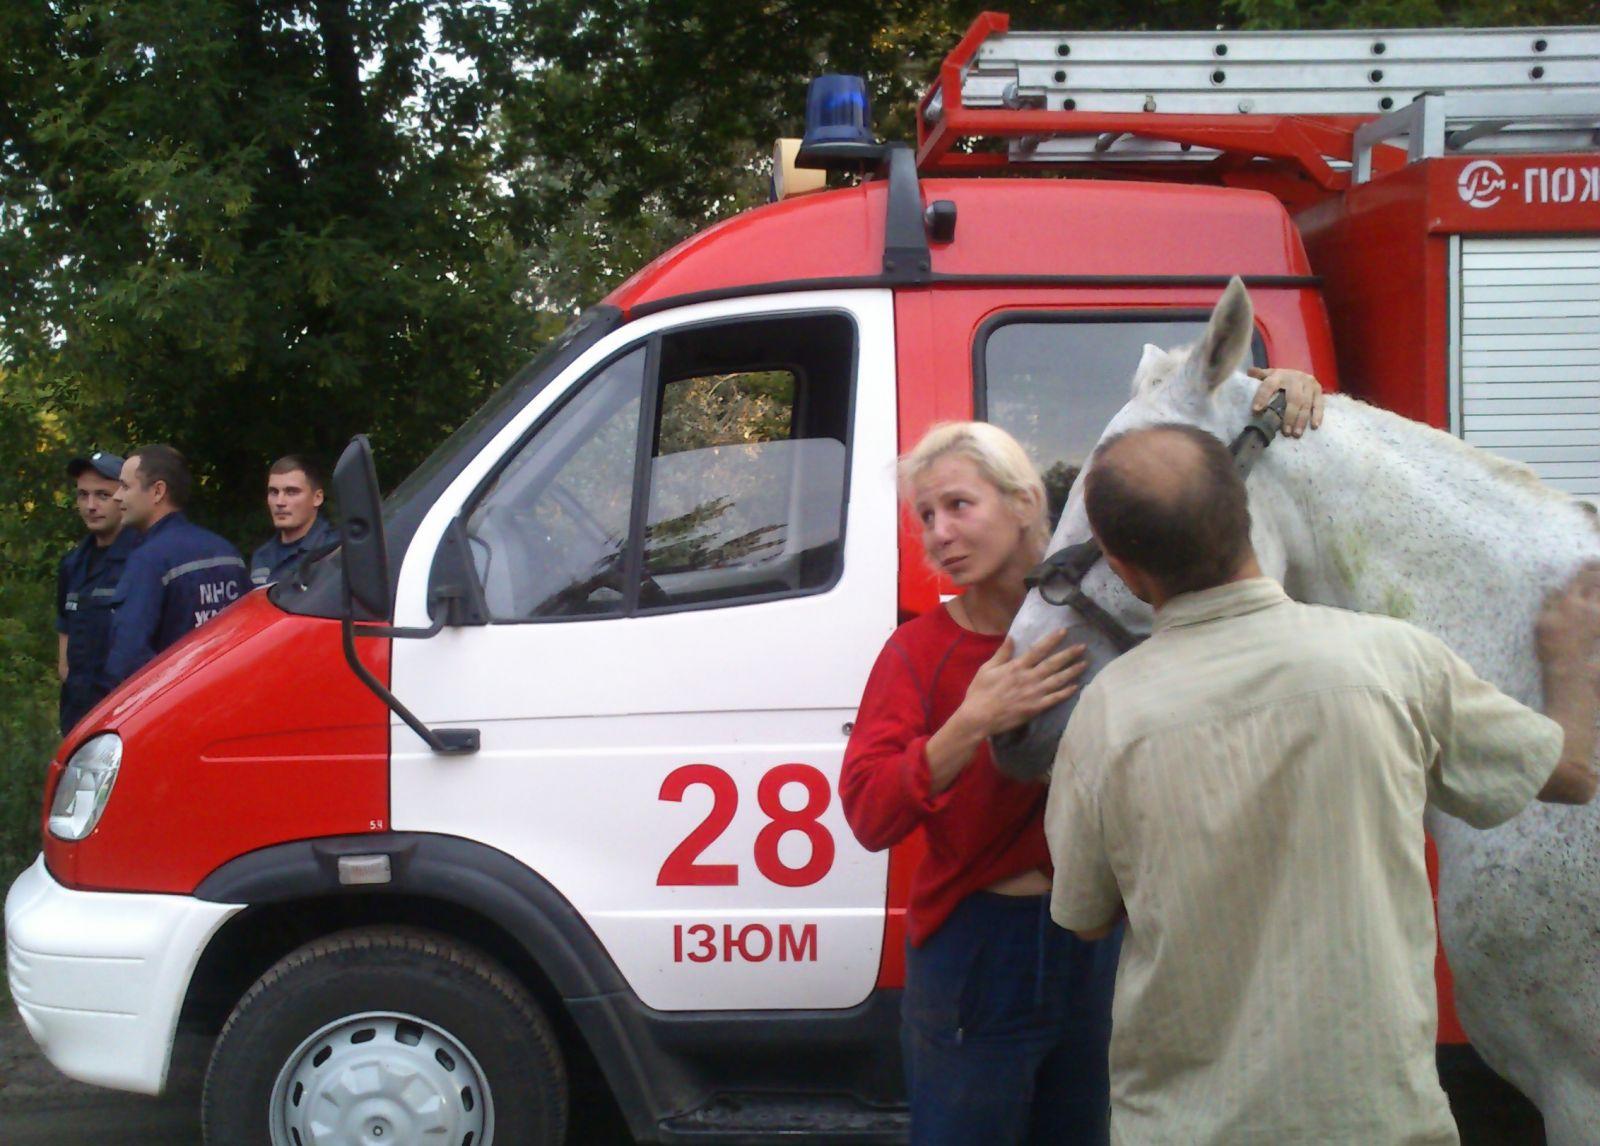 В 2014 году в Изюмском районе в канализацию глубиной в два метра провалился белый конь. Его достали с помощью трактора, и это было прекрасно